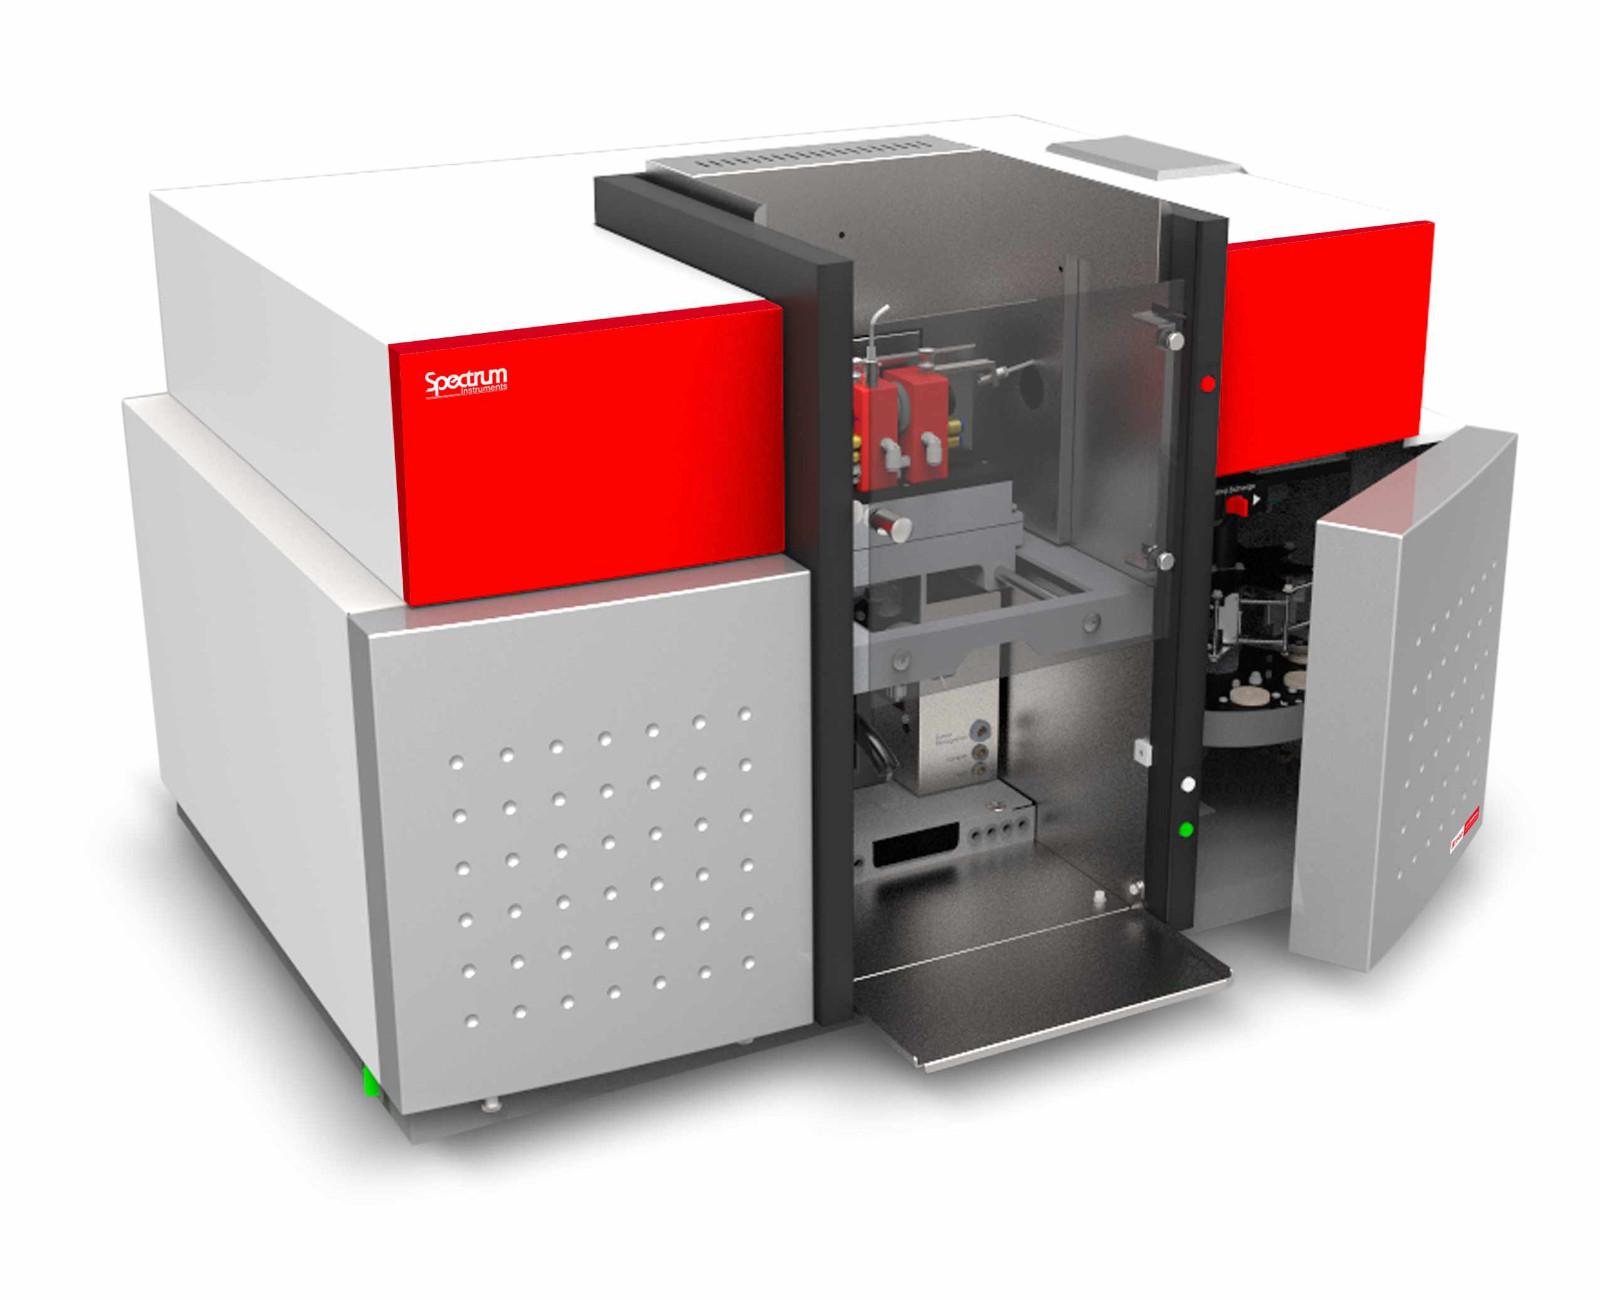 原吸光谱分析仪_原子吸收光谱仪、光度计-上海光谱仪器有限公司